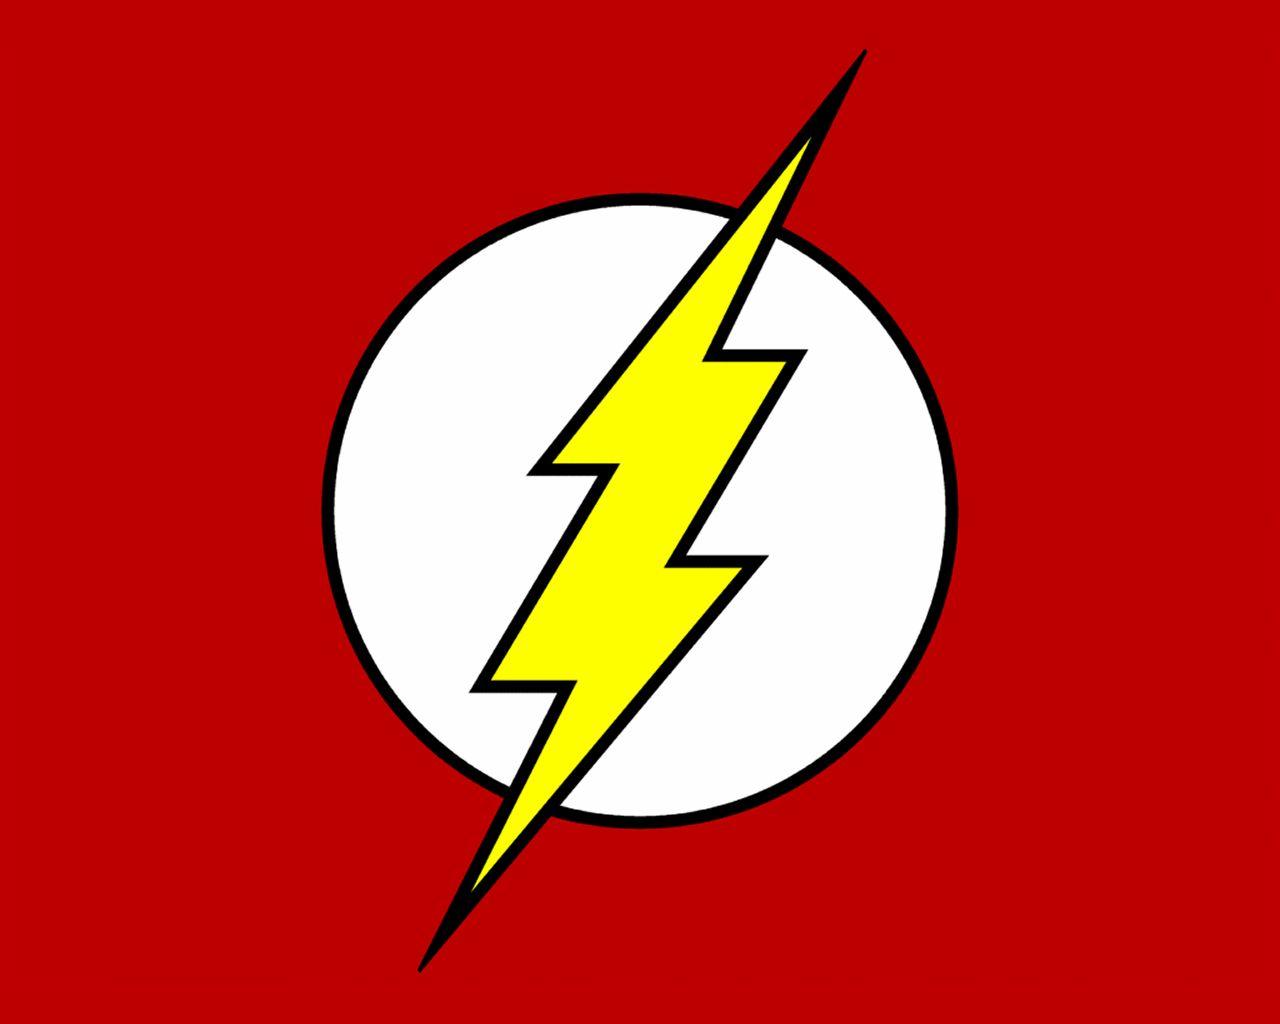 1280x1024 The Flash Symbol To Draw Symbols, Birthdays